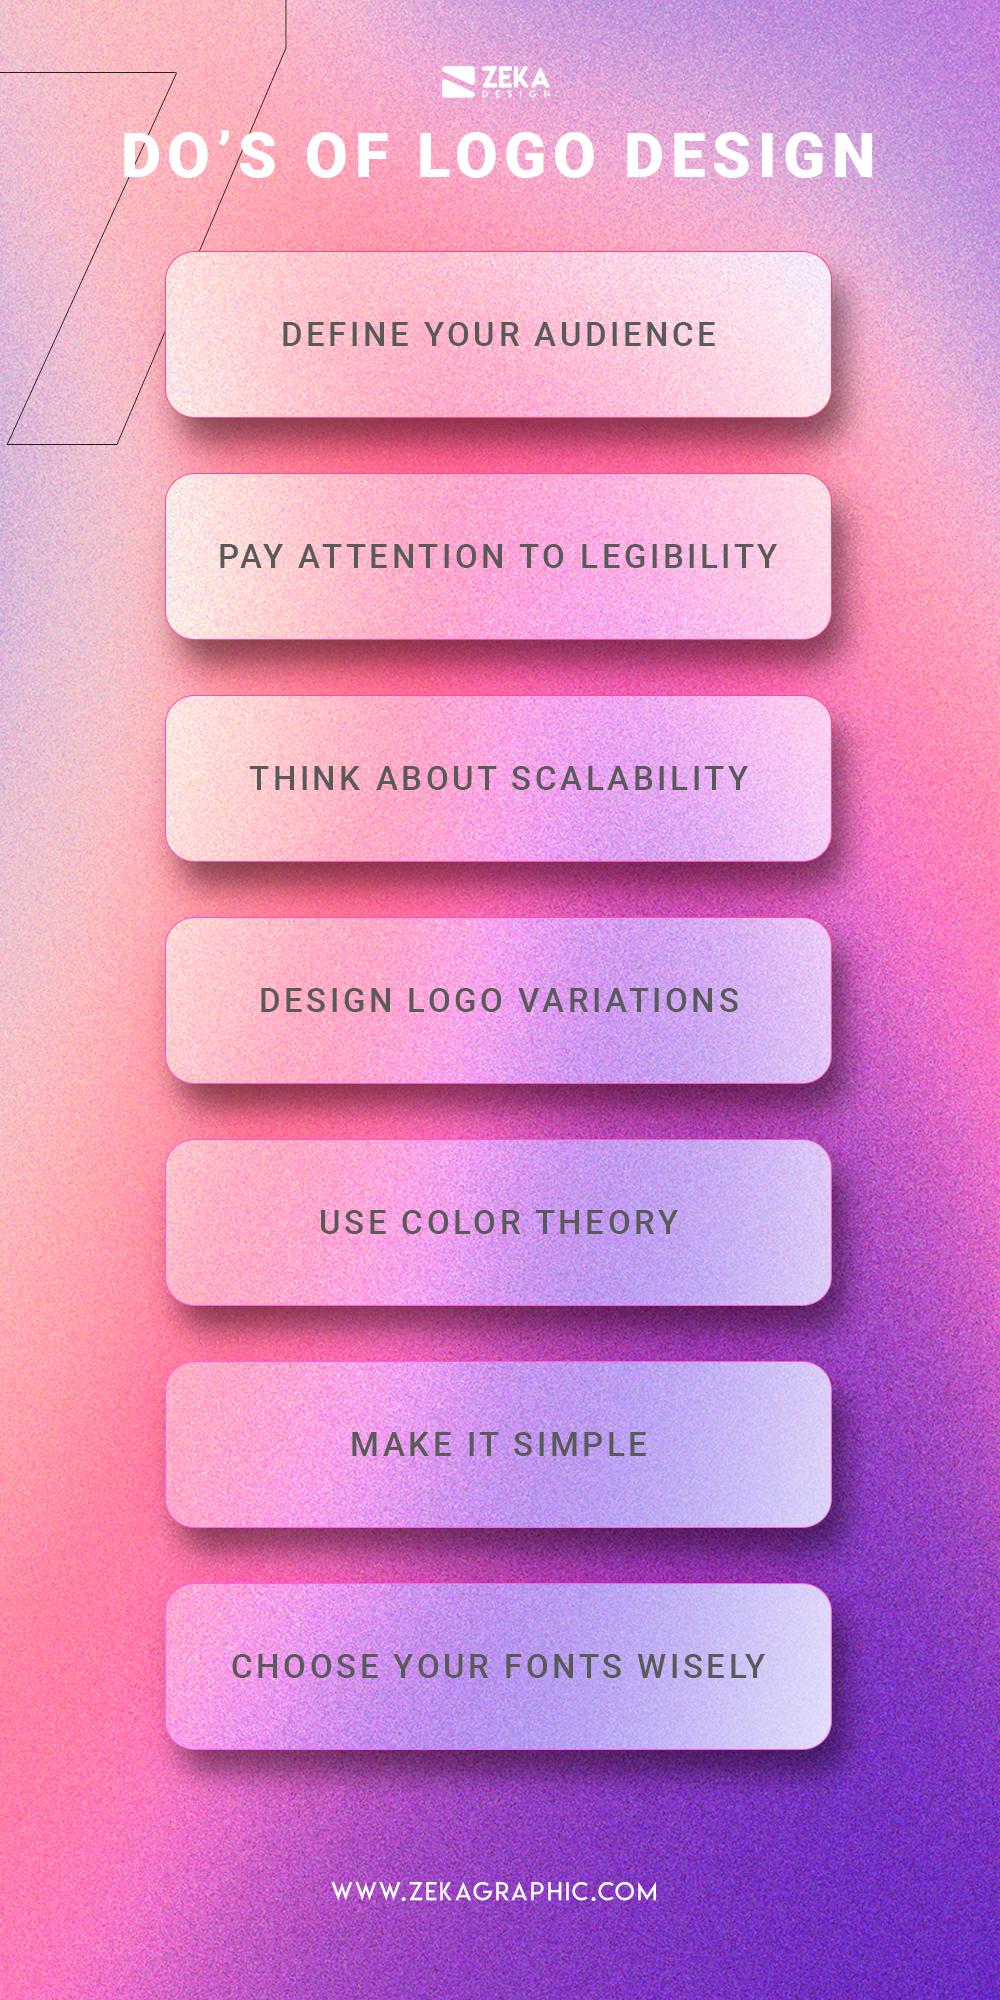 7 Do For a Good Logo Design Infographic